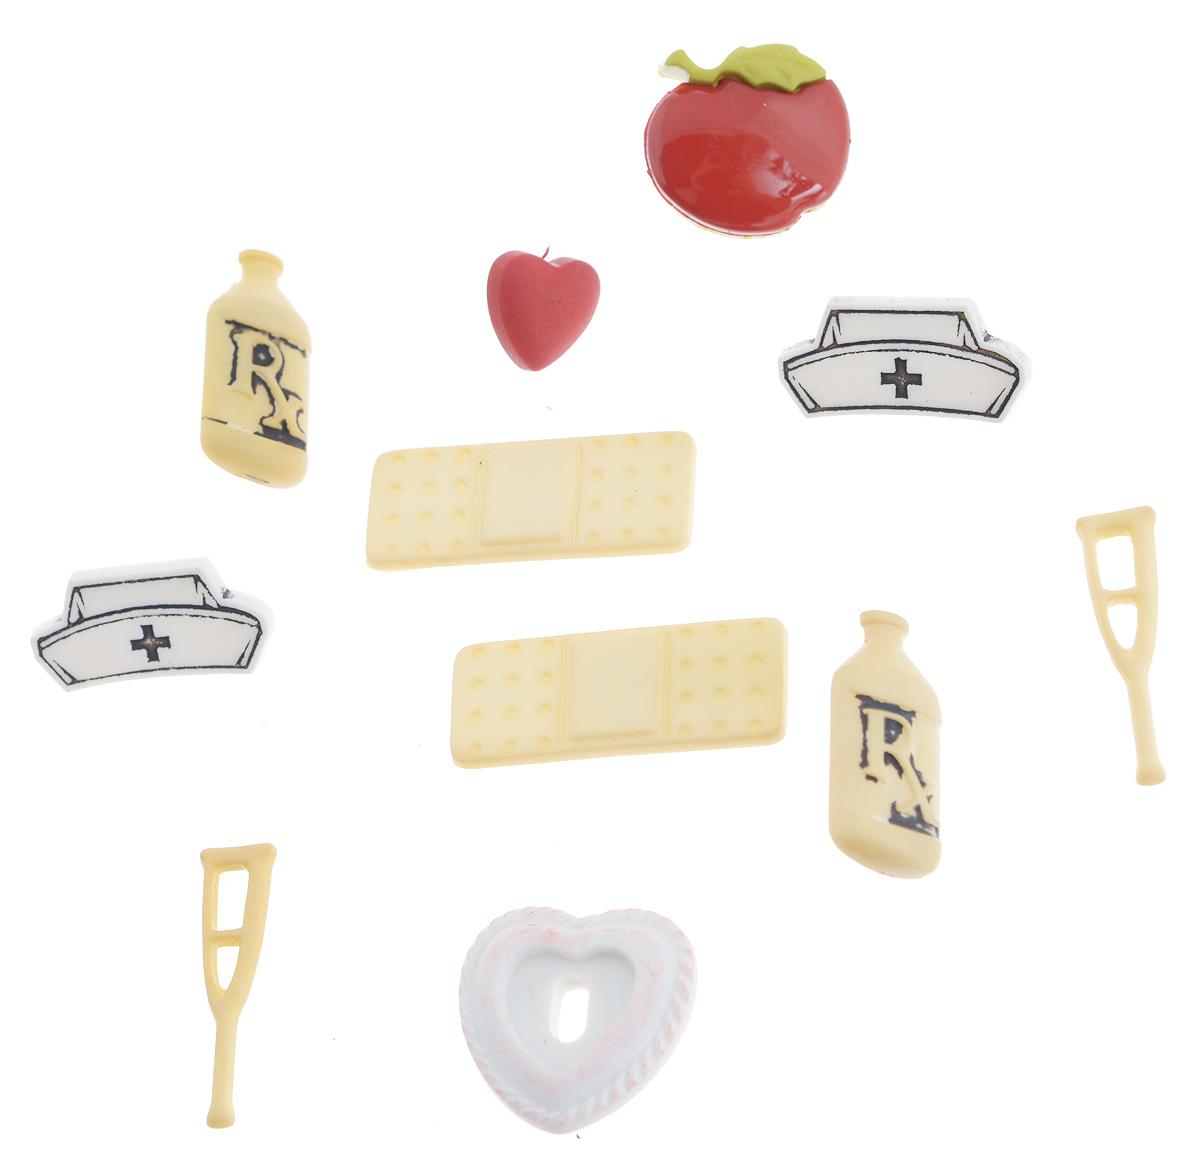 Набор пуговиц и фигурок Buttons Galore & More Doctor, 11 шт7705878_4101Набор Buttons Galore & More Doctor состоит из 6 декоративных пуговиц на ножке и 5 декоративных элементов, которые можно приклеить. Все элементы выполнены из пластика в виде микстуры, костылей и сердец. Такой набор подходит для любых видов творчества: скрапбукинга, декорирования, шитья, изготовления кукол, а также для оформления одежды. С их помощью вы сможете украсить открытку, фотографию, альбом, подарок и другие предметы ручной работы. Все элементы выполнены в разных цветах и формах, имеют оригинальный и яркий дизайн. Средний размер элементов: 2 см х 1,2 х 0,3 см.